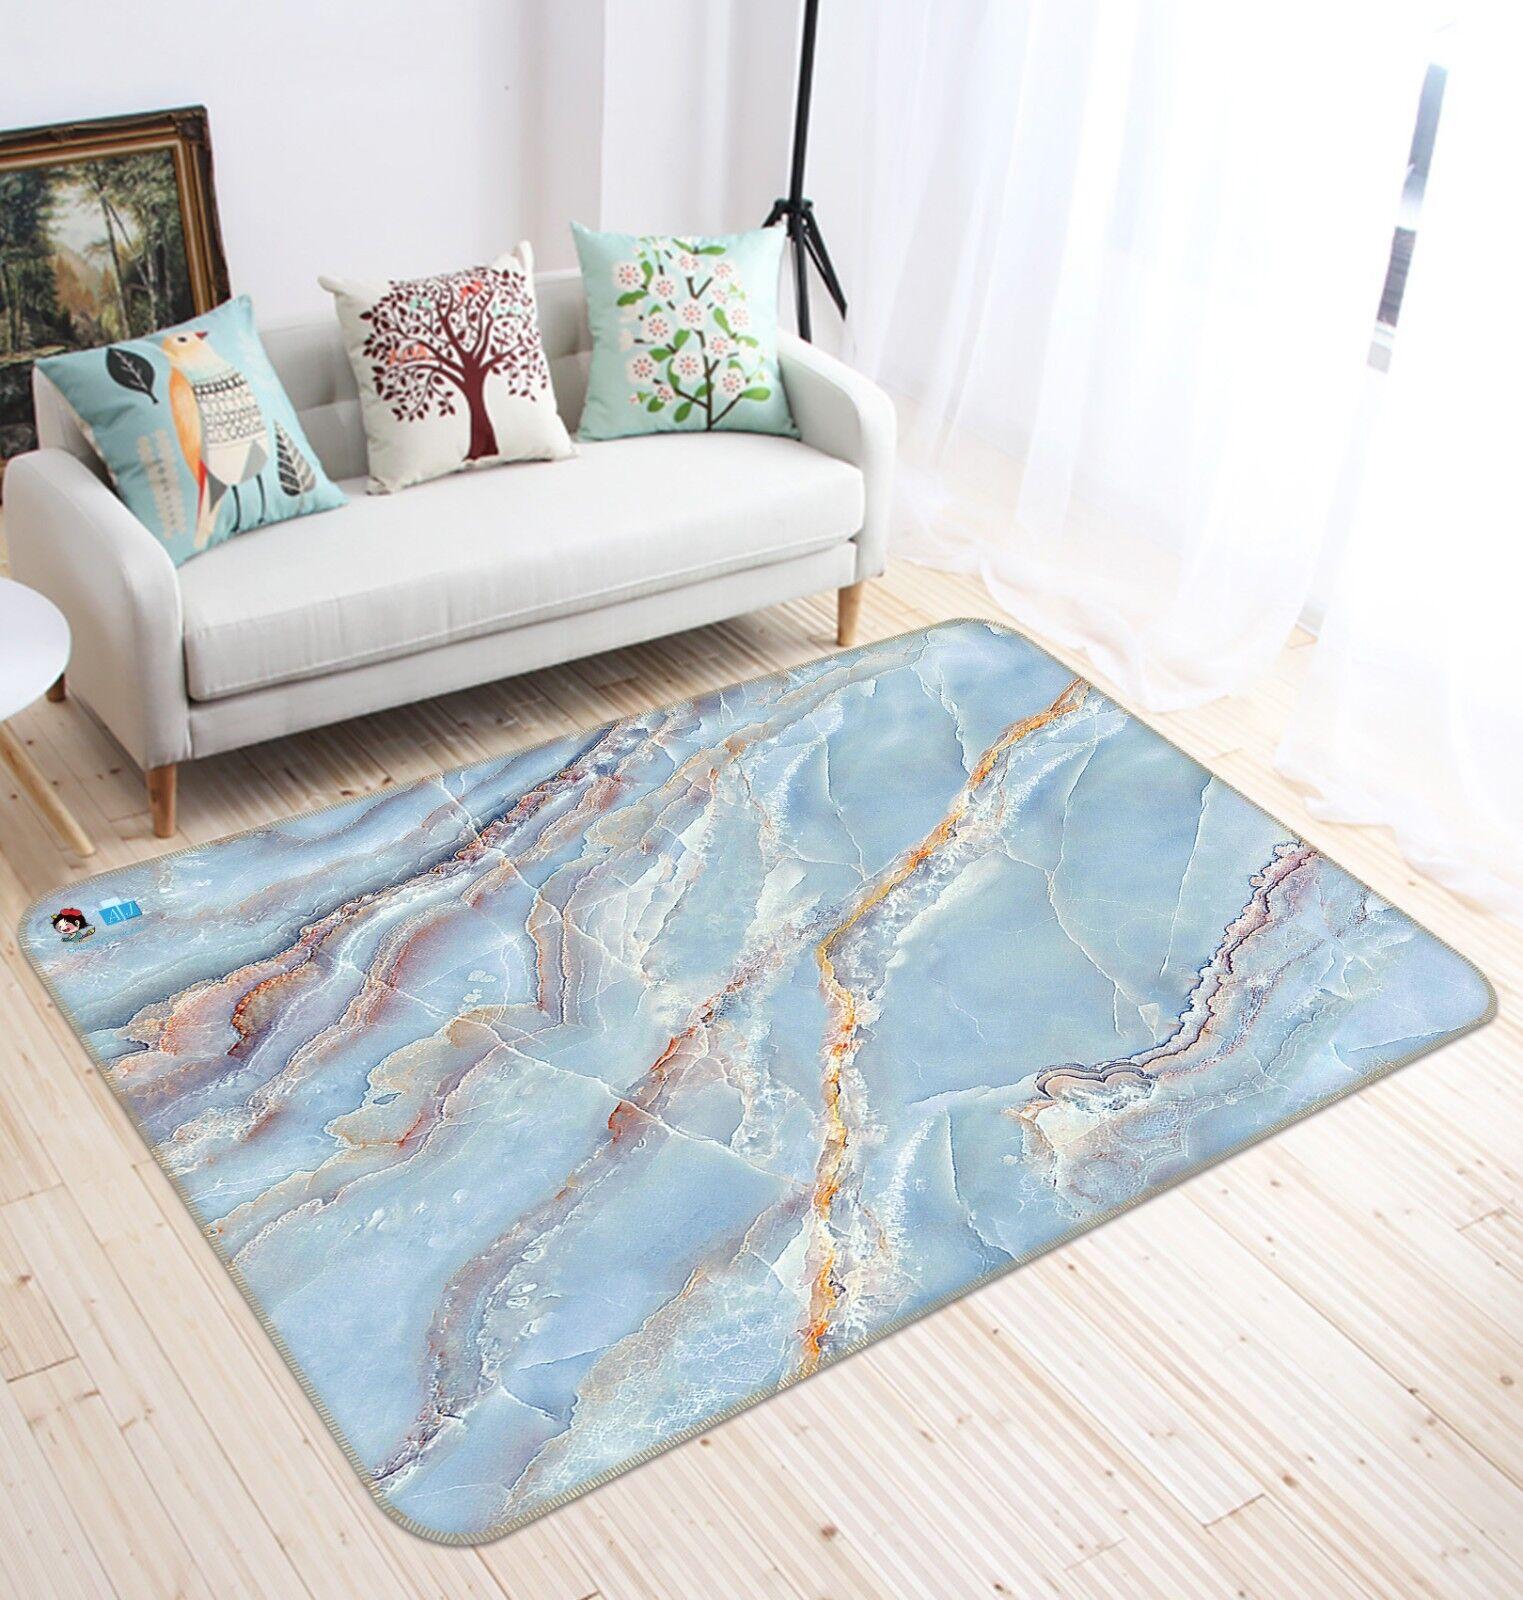 3D Blaue Felsen Textur 8 Rutschfest Teppich Matte Raum Matte Elegant Teppich DE